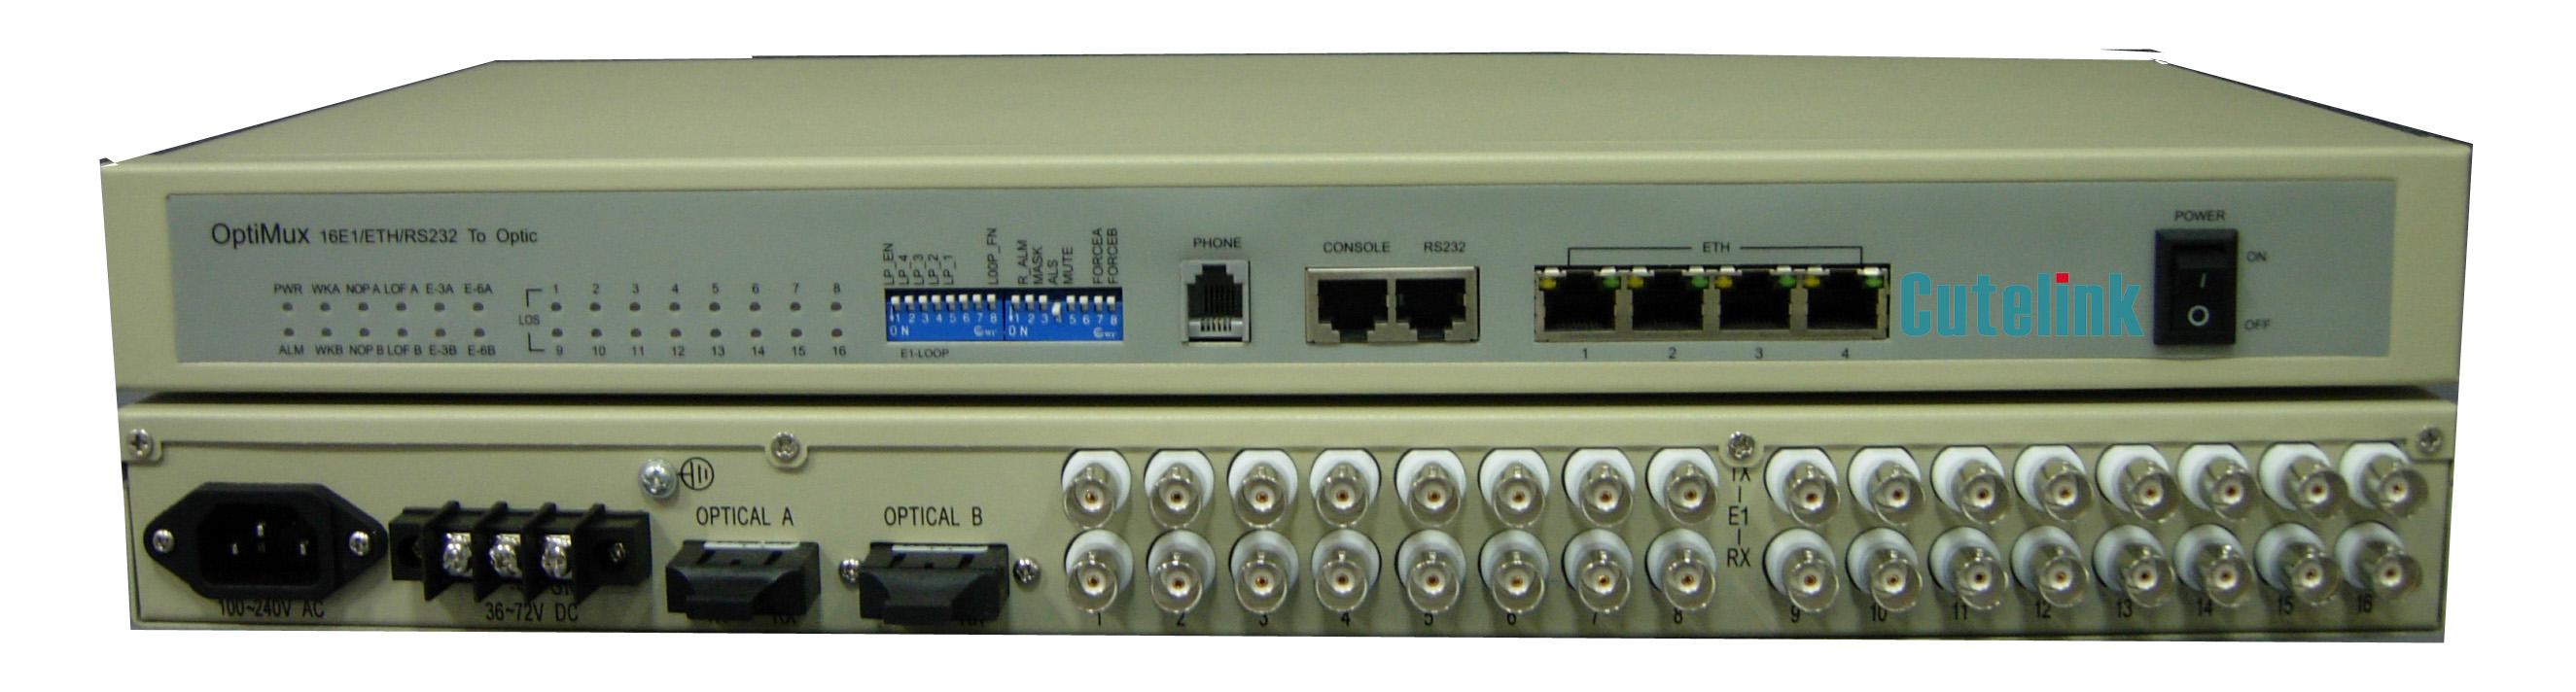 4/8/16/32E1+5GE+Rs232+OW VLAN SNMP PDH Optimux